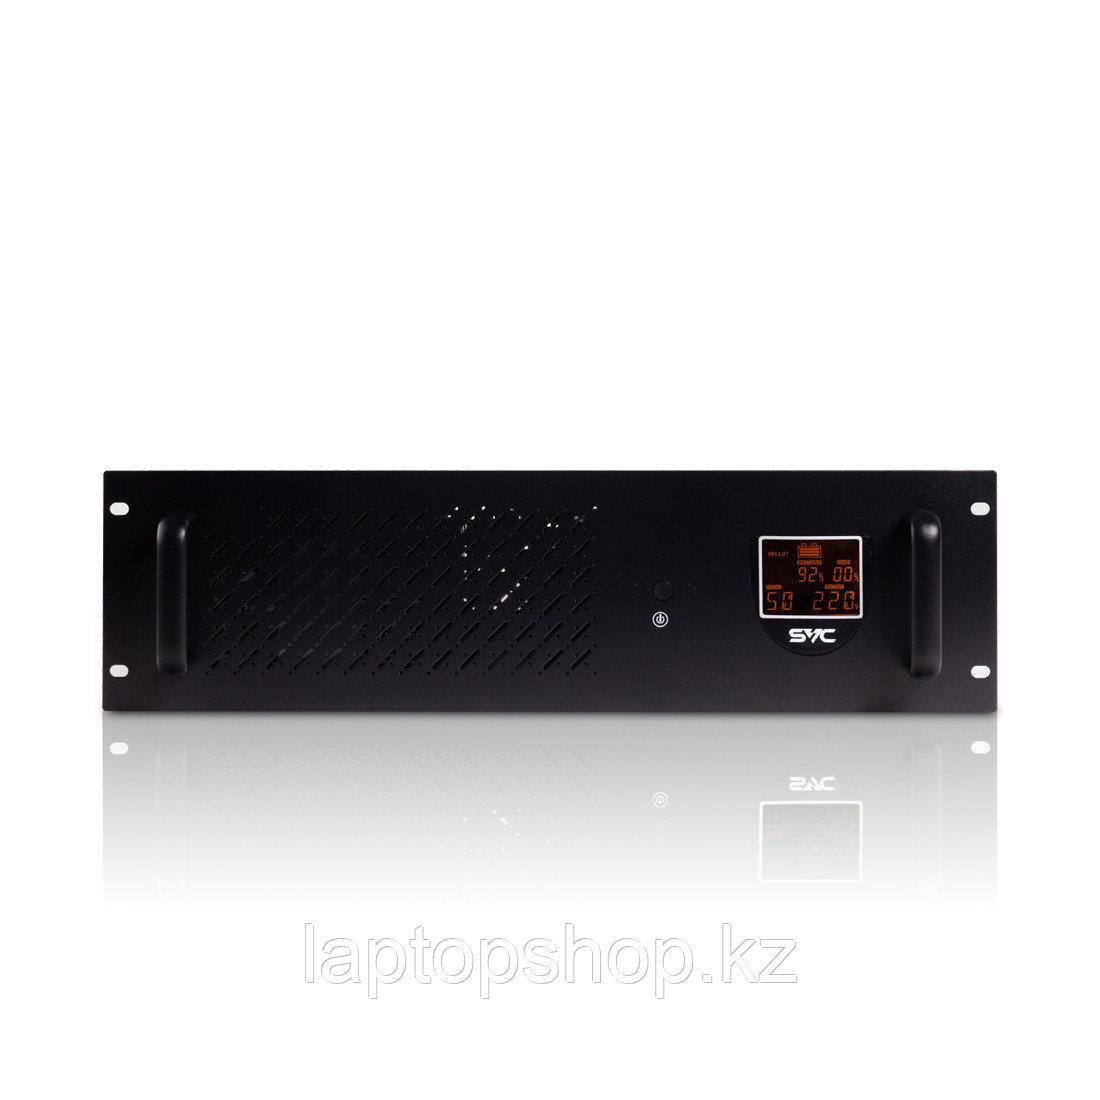 Источник бесперебойного питания SVC RTO-1200-LCD, Мощность 1500ВА/720Вт